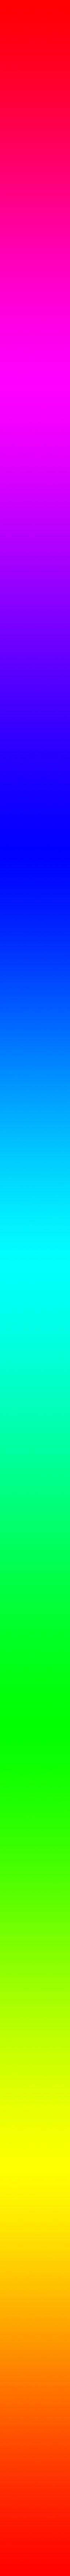 ColorStripe